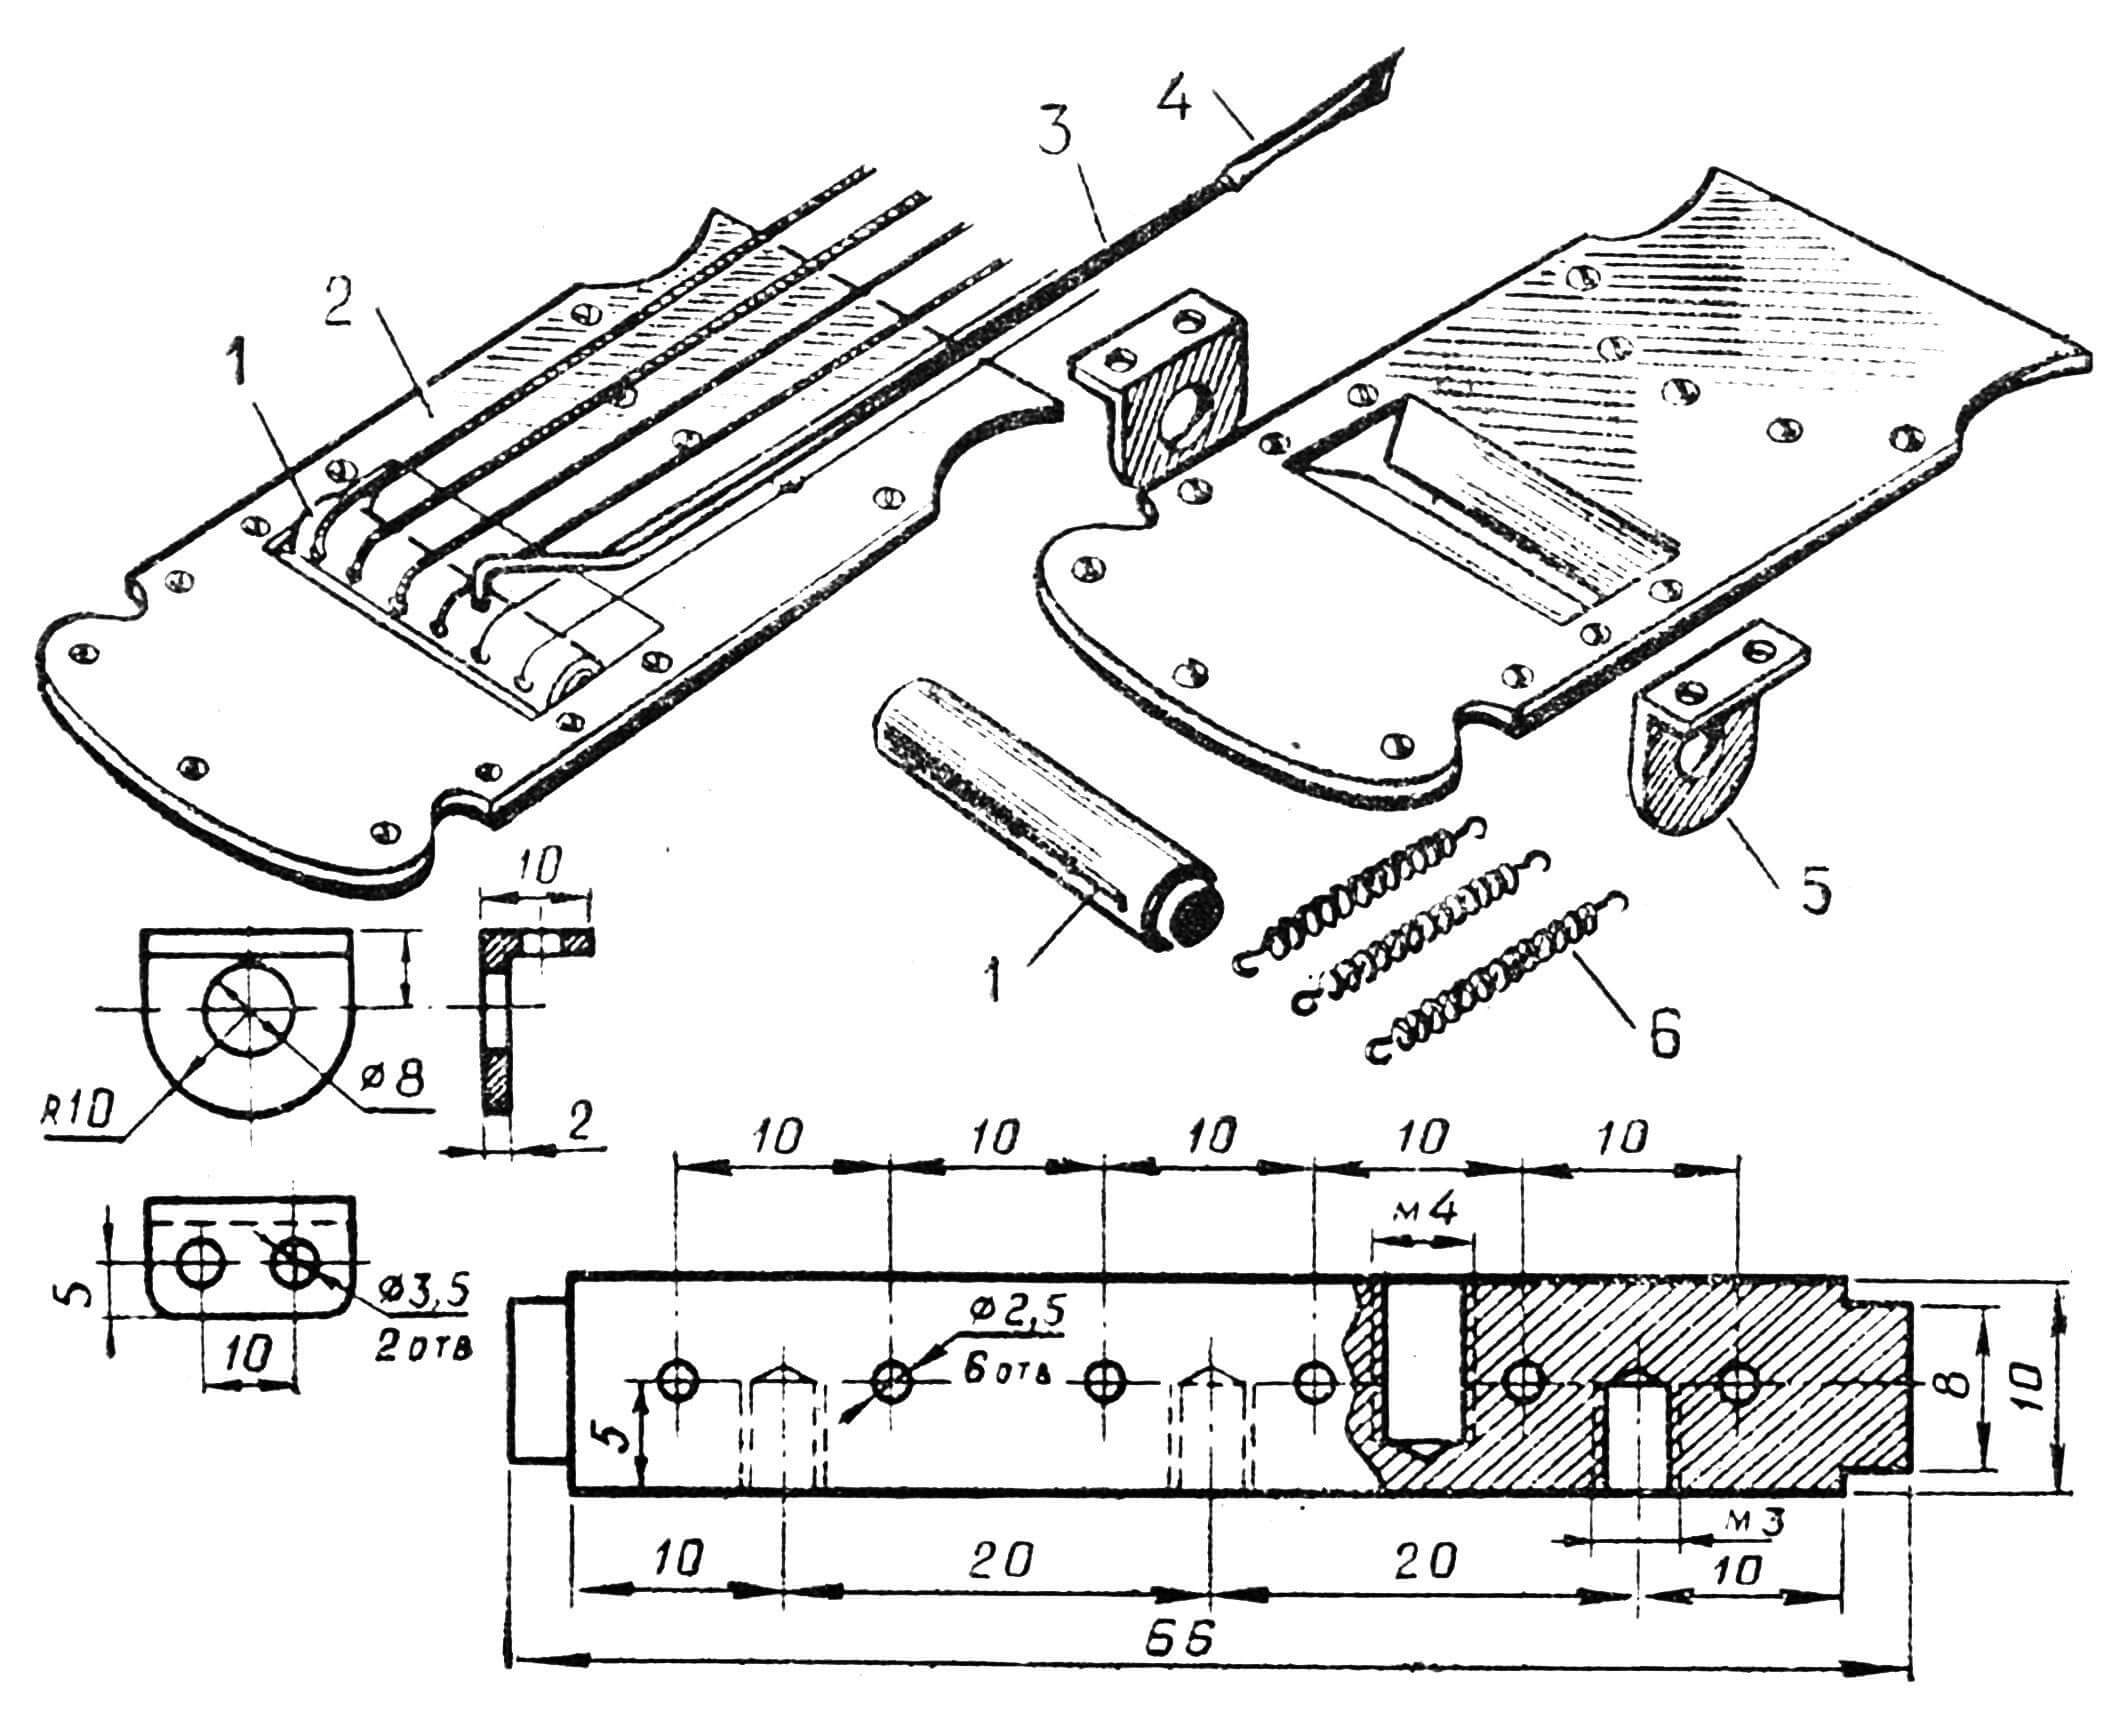 Рис. 9. Механический вибратор: 1 — вал, 2 — панель, 3 — анкер, 4 — ручка анкера, 5 — кронштейн, 6 — пружина.